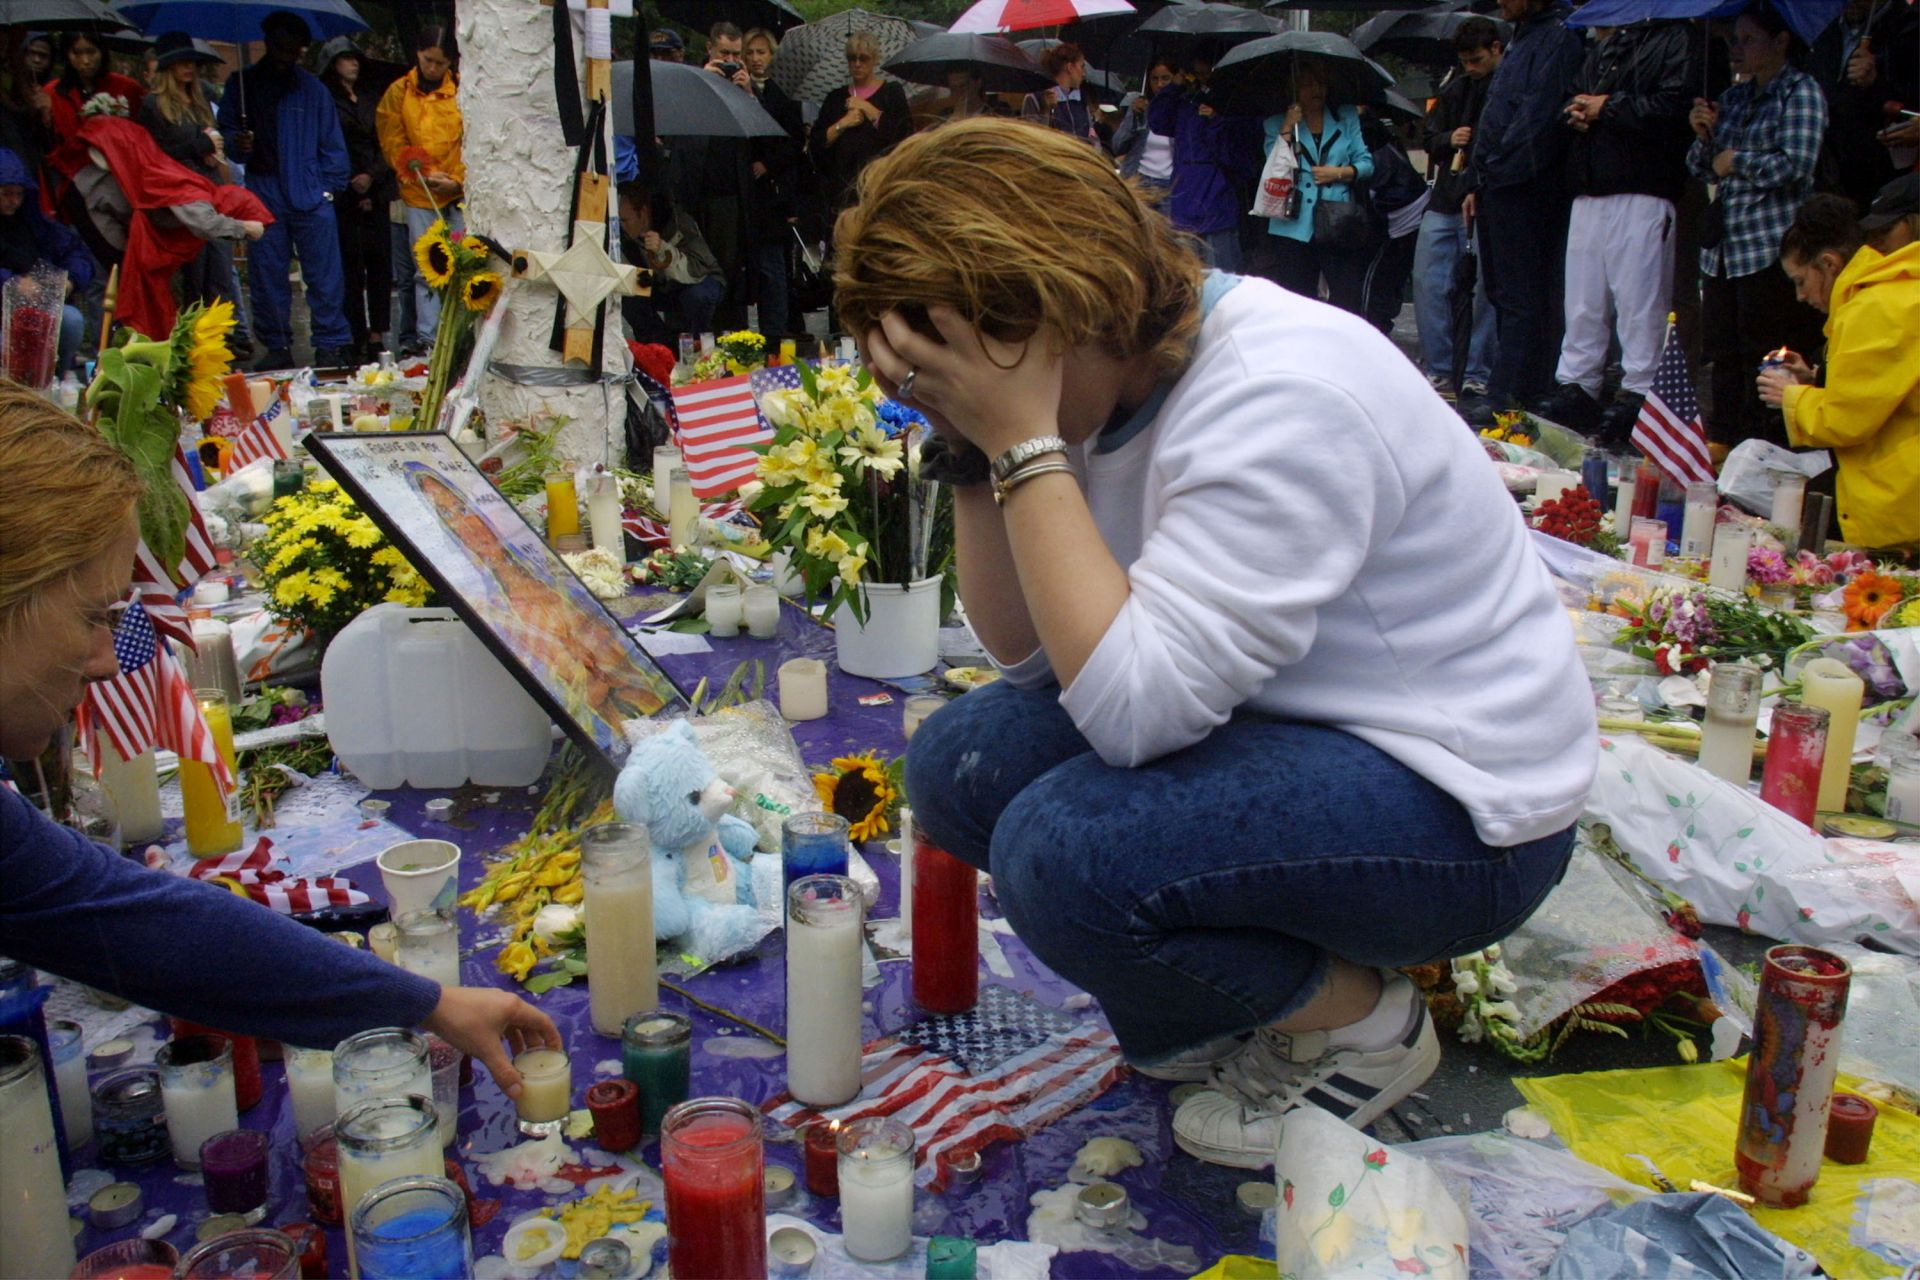 Тони Ан Коста оплаква жертвите на мемориал в Union Square Park в Ню Йорк